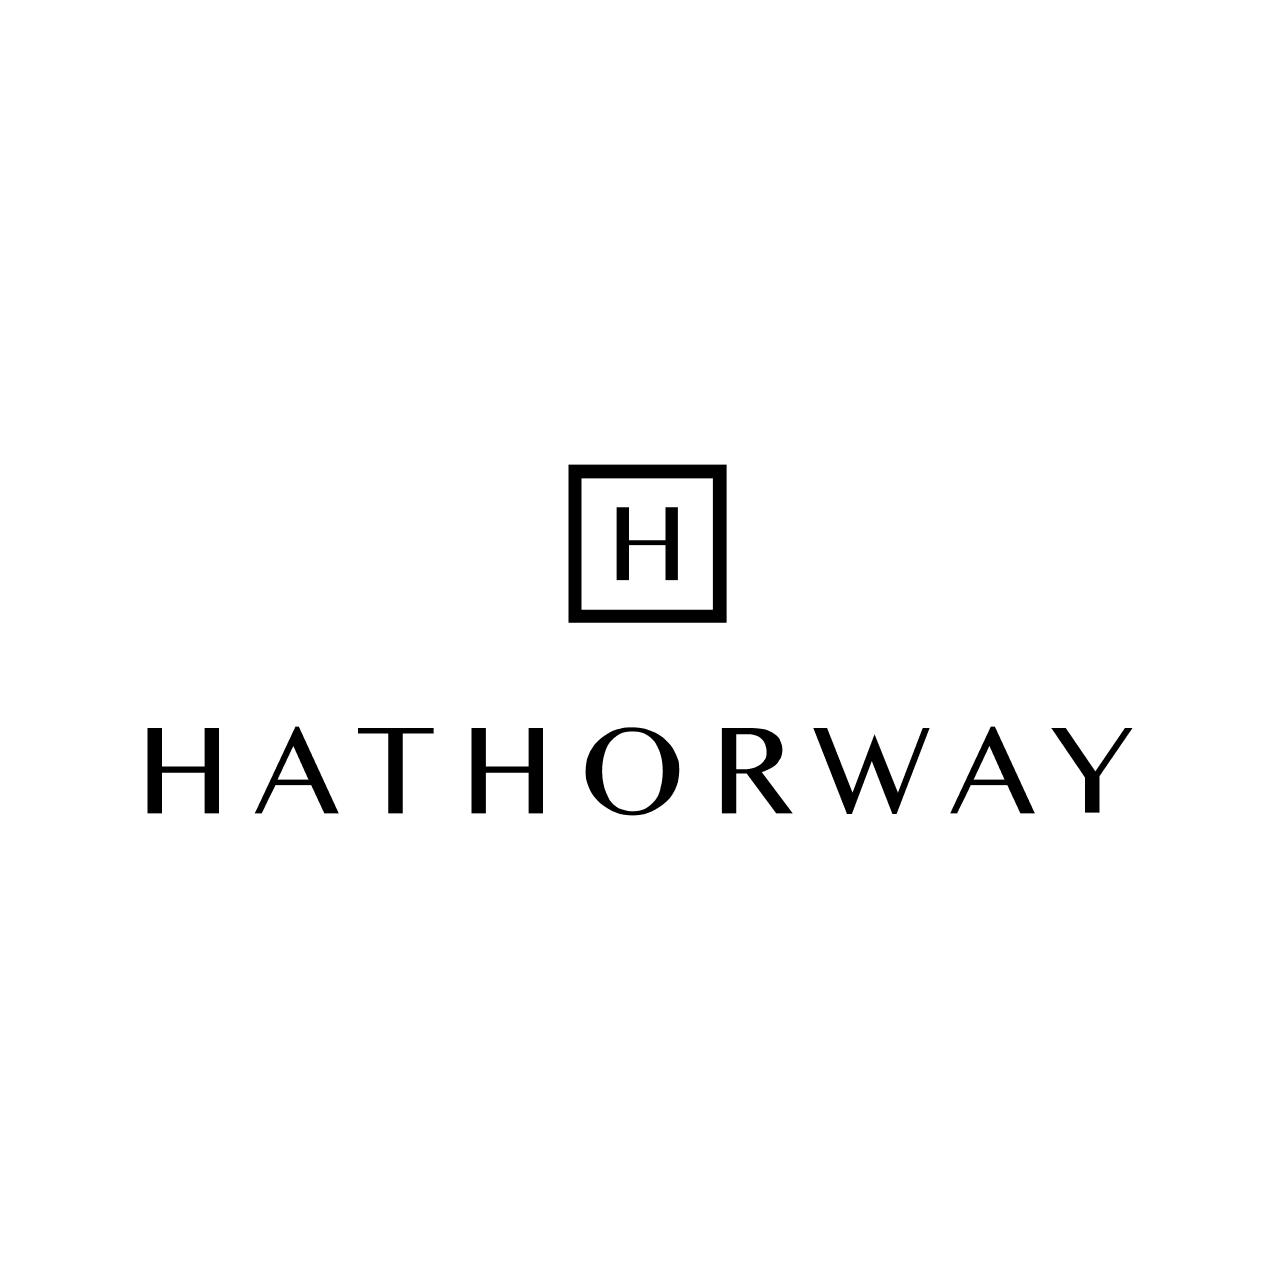 Hathorway